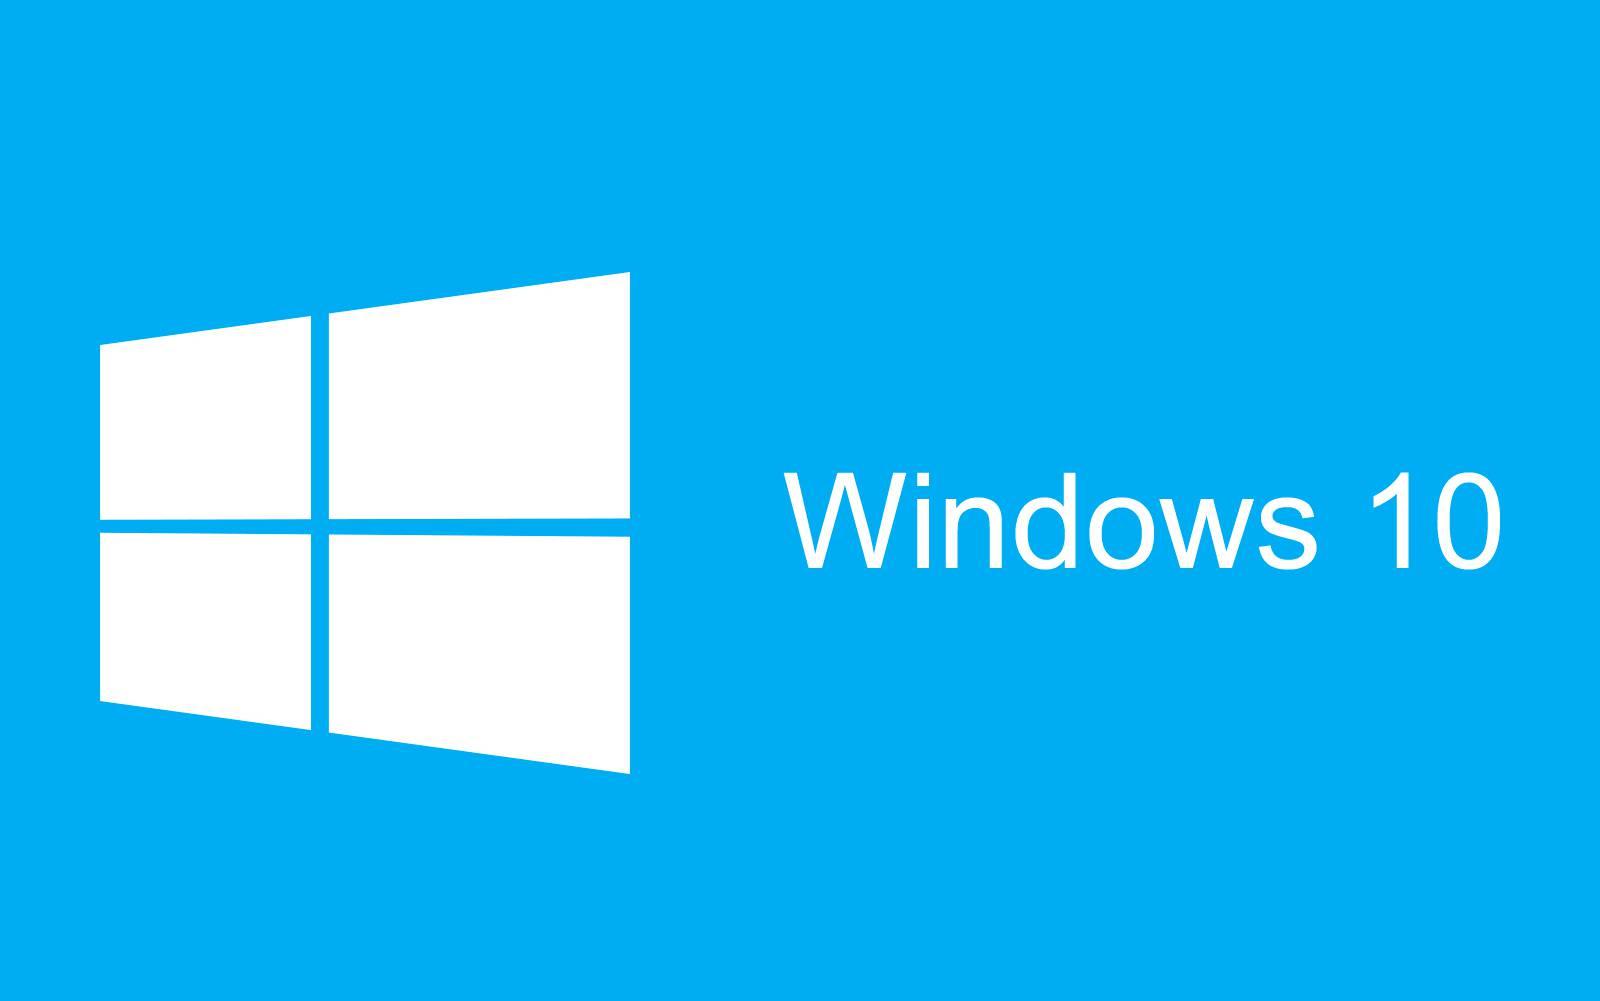 Windows 10 instalare cont microsoft